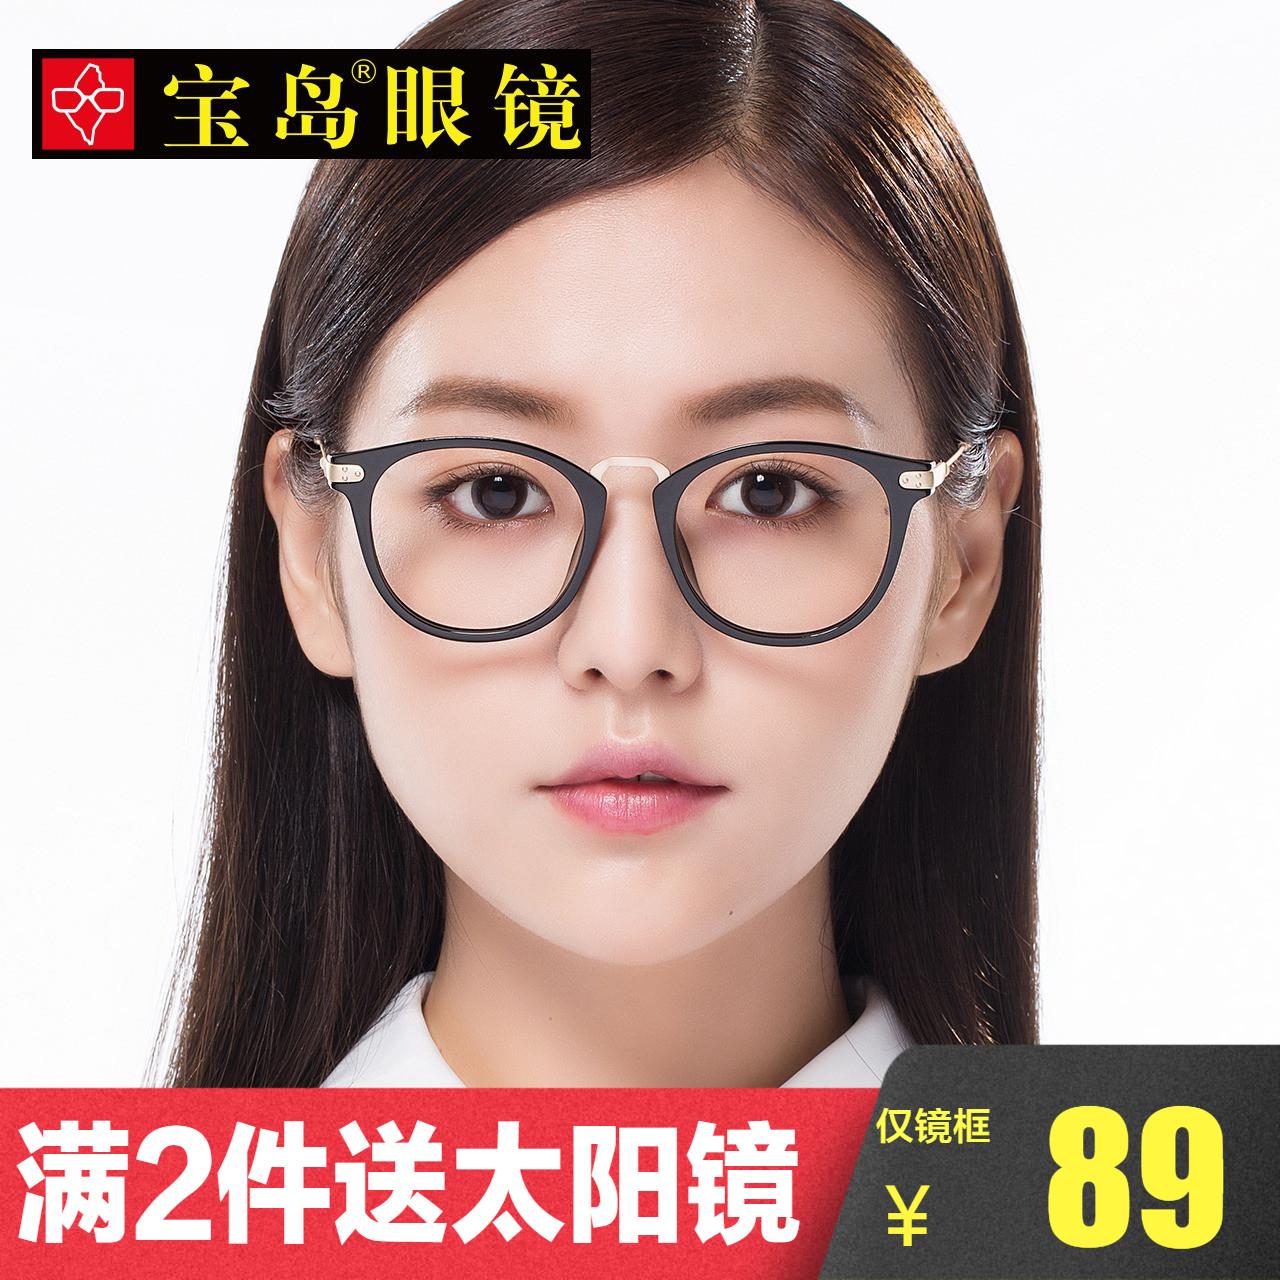 宝岛眼镜 配近视眼镜架TR90全框韩版潮女网红平光眼镜框 目戏2217